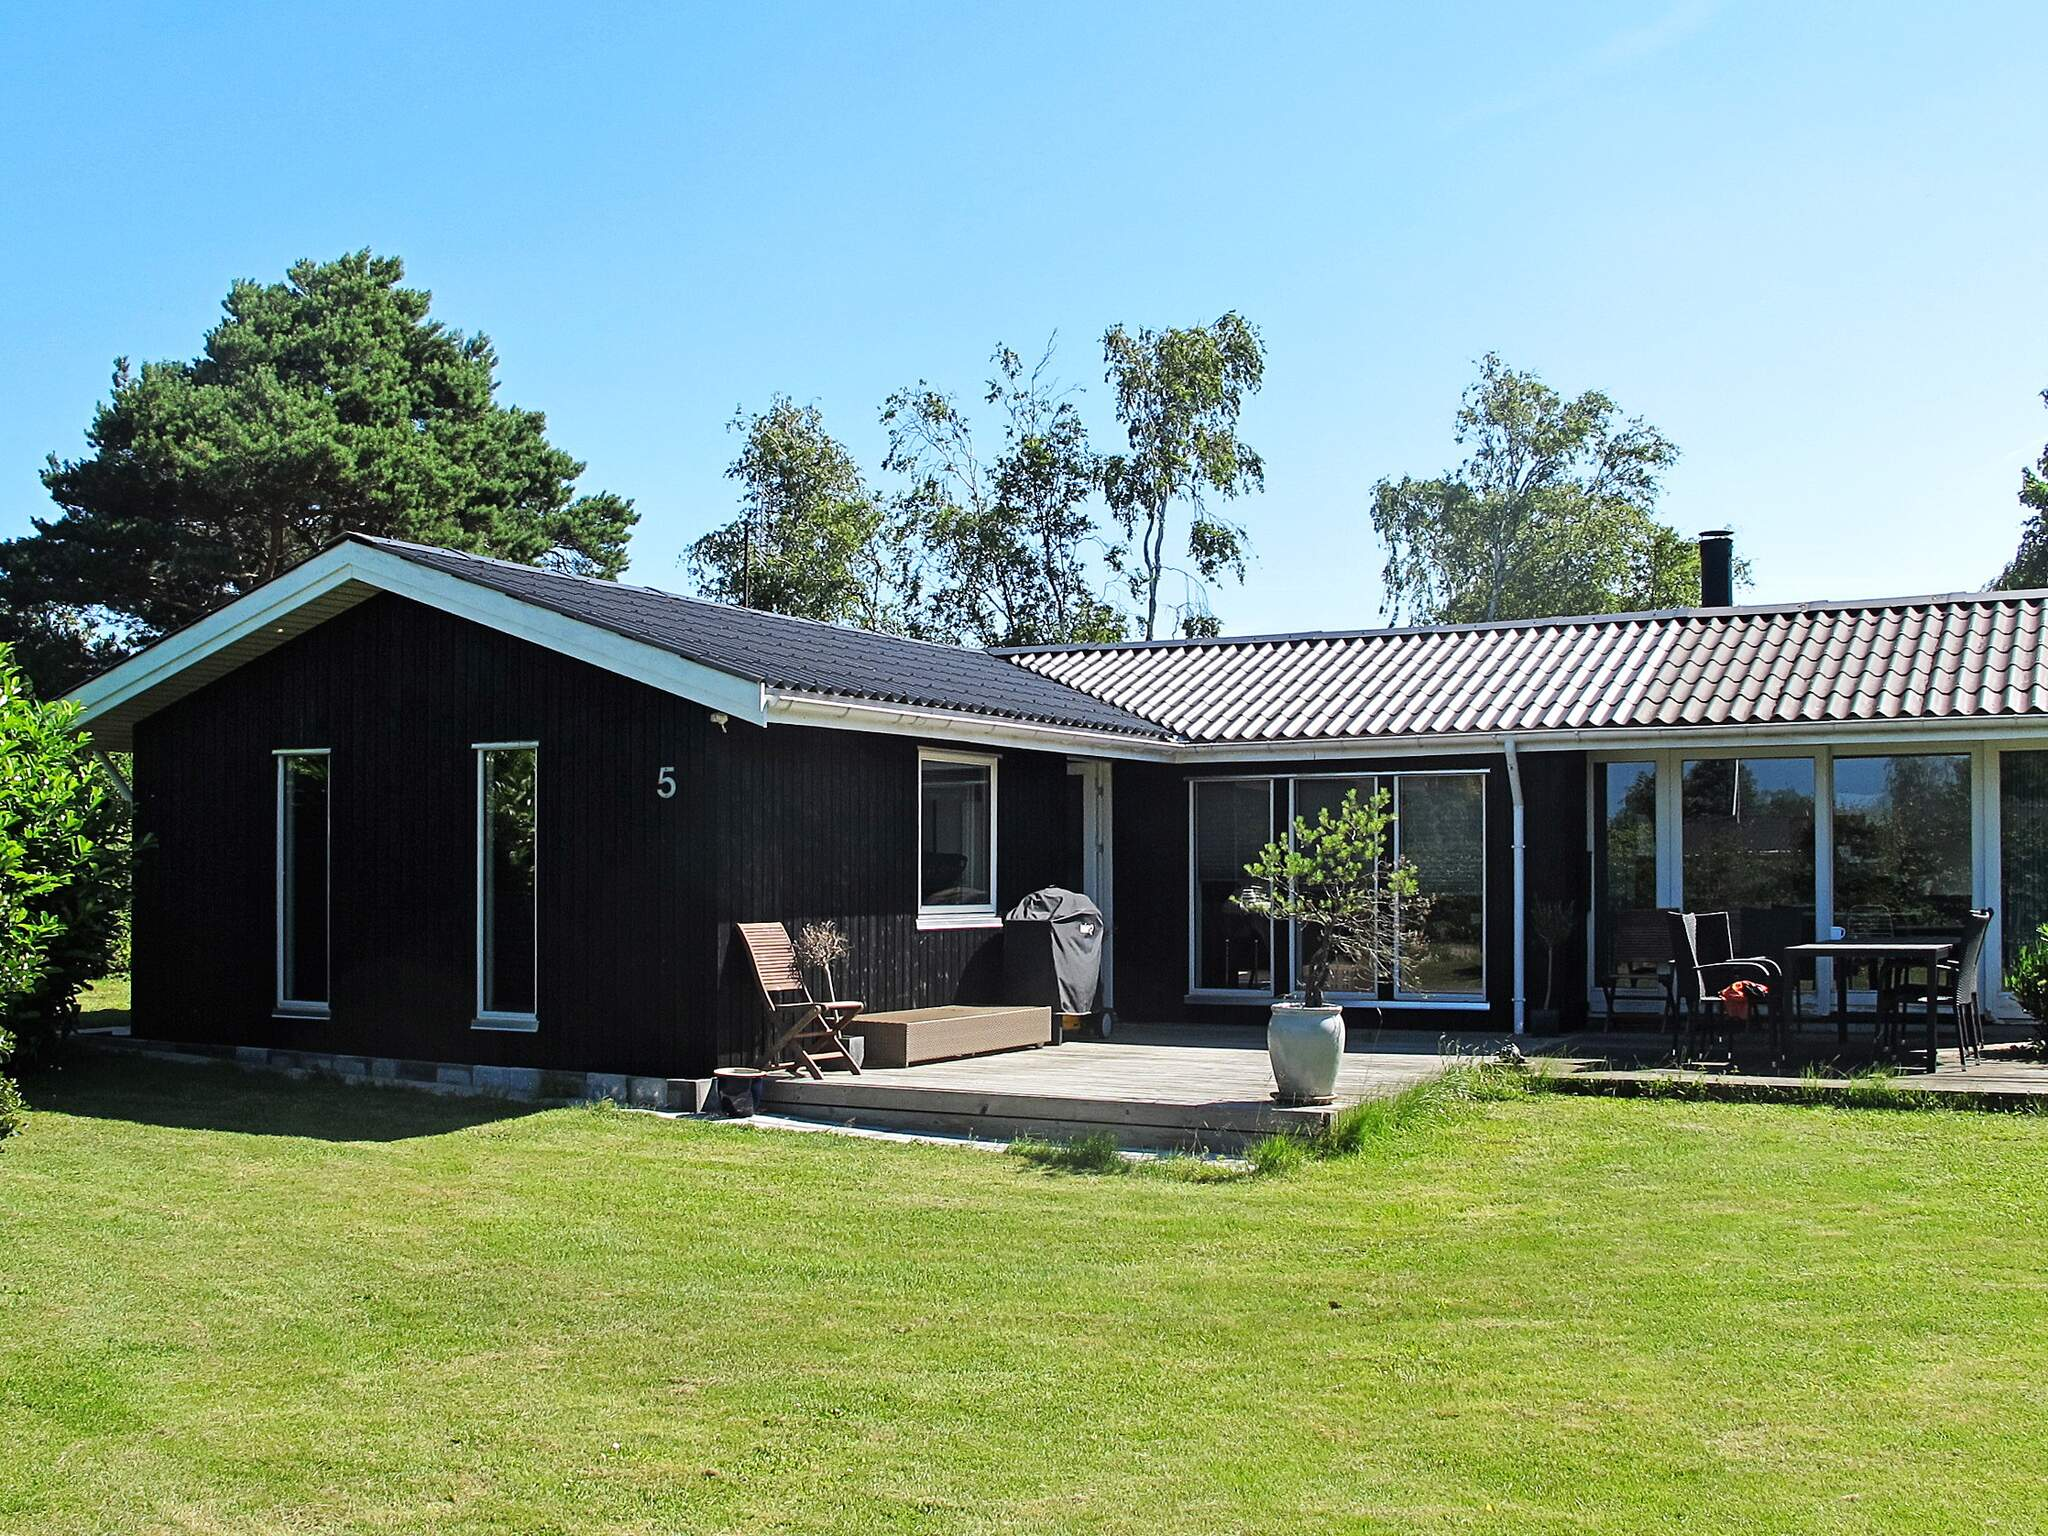 Ferienhaus Enø (1043169), Karrebæksminde, , Südseeland, Dänemark, Bild 11